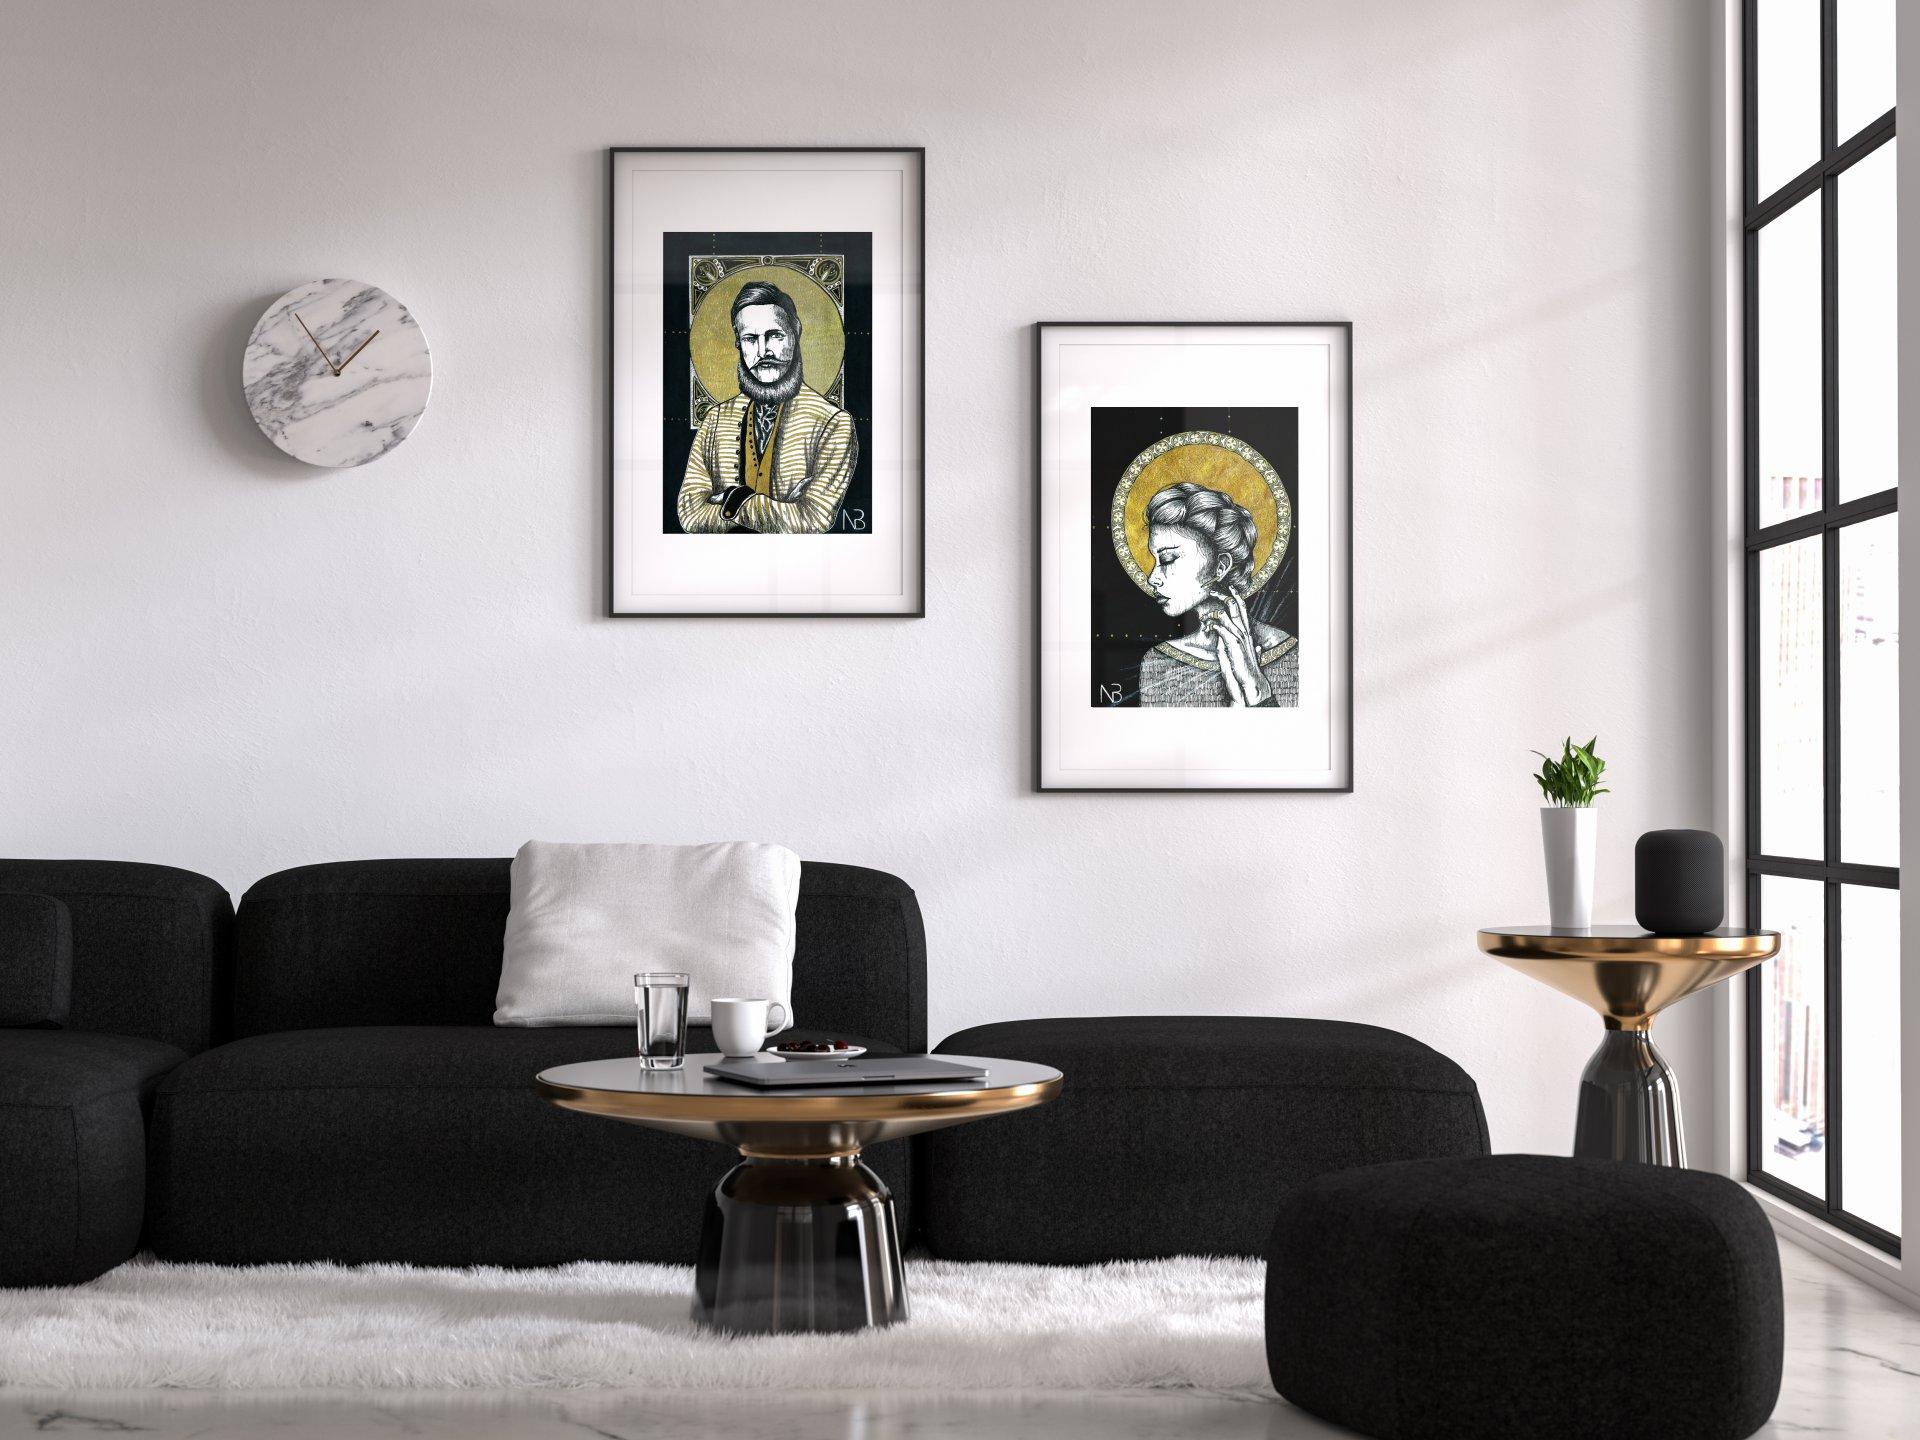 moderný interiér slovenské obrazy